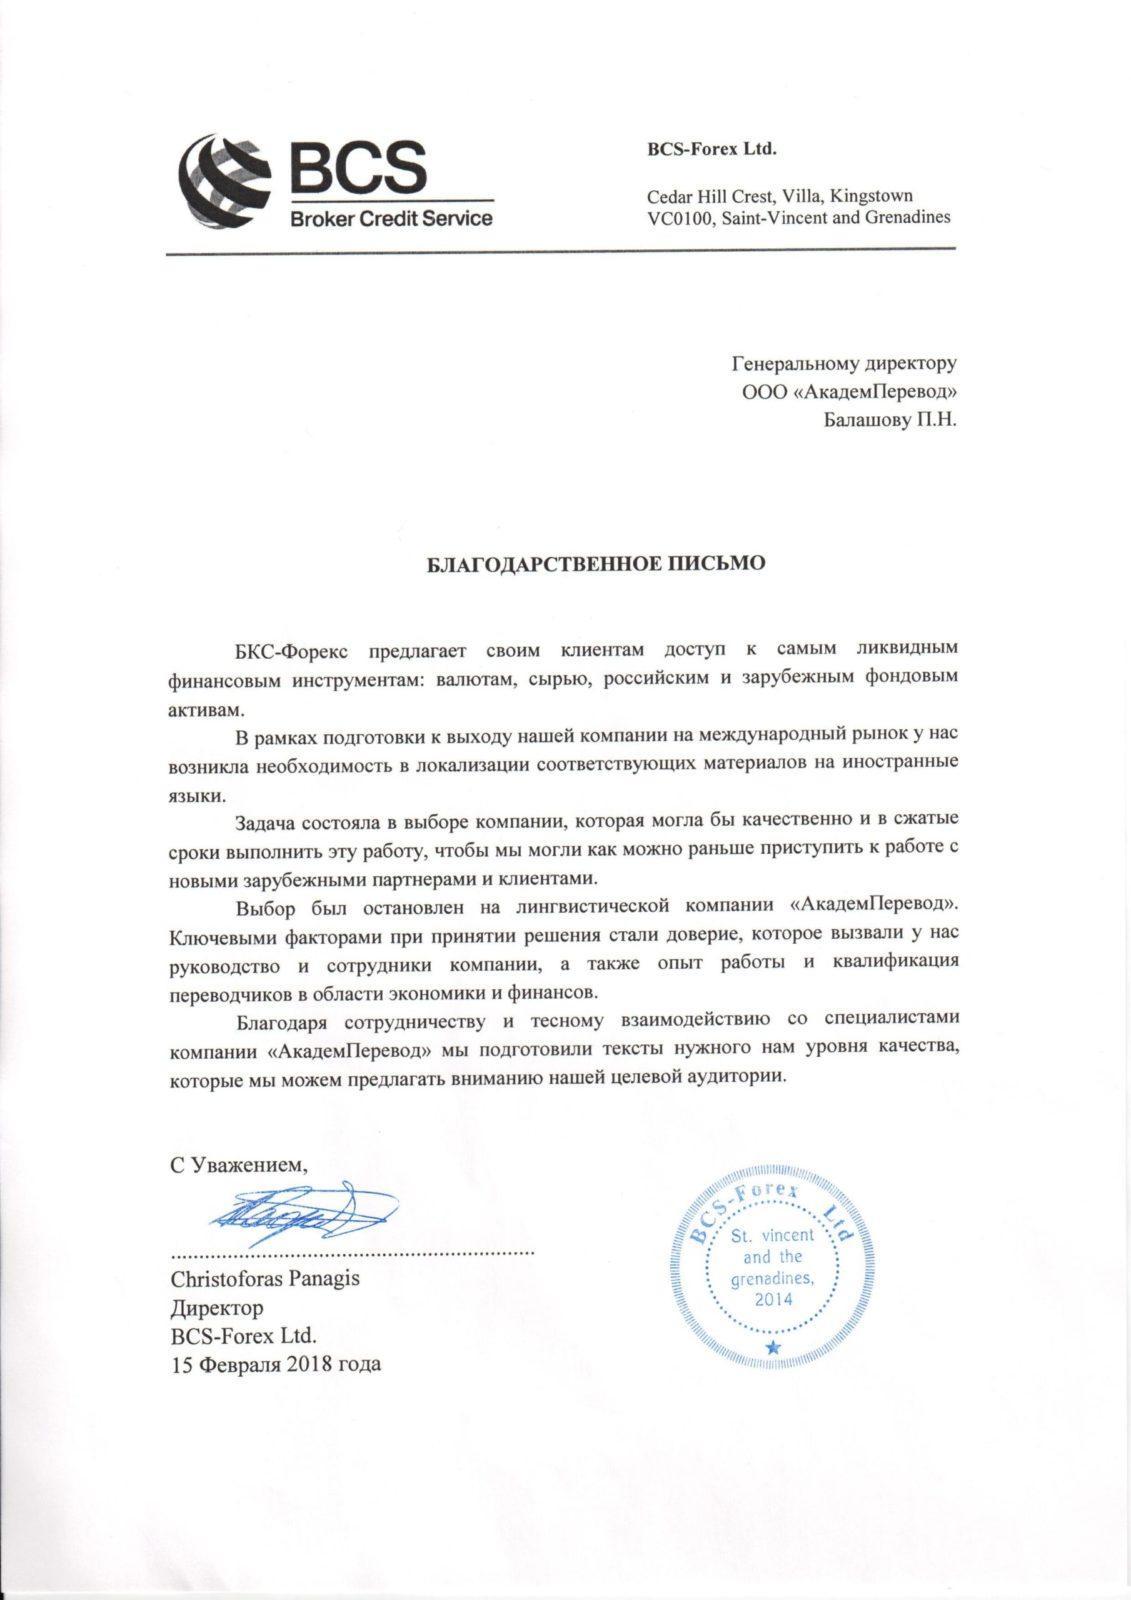 Рекомендательное письмо. БКС Форекс